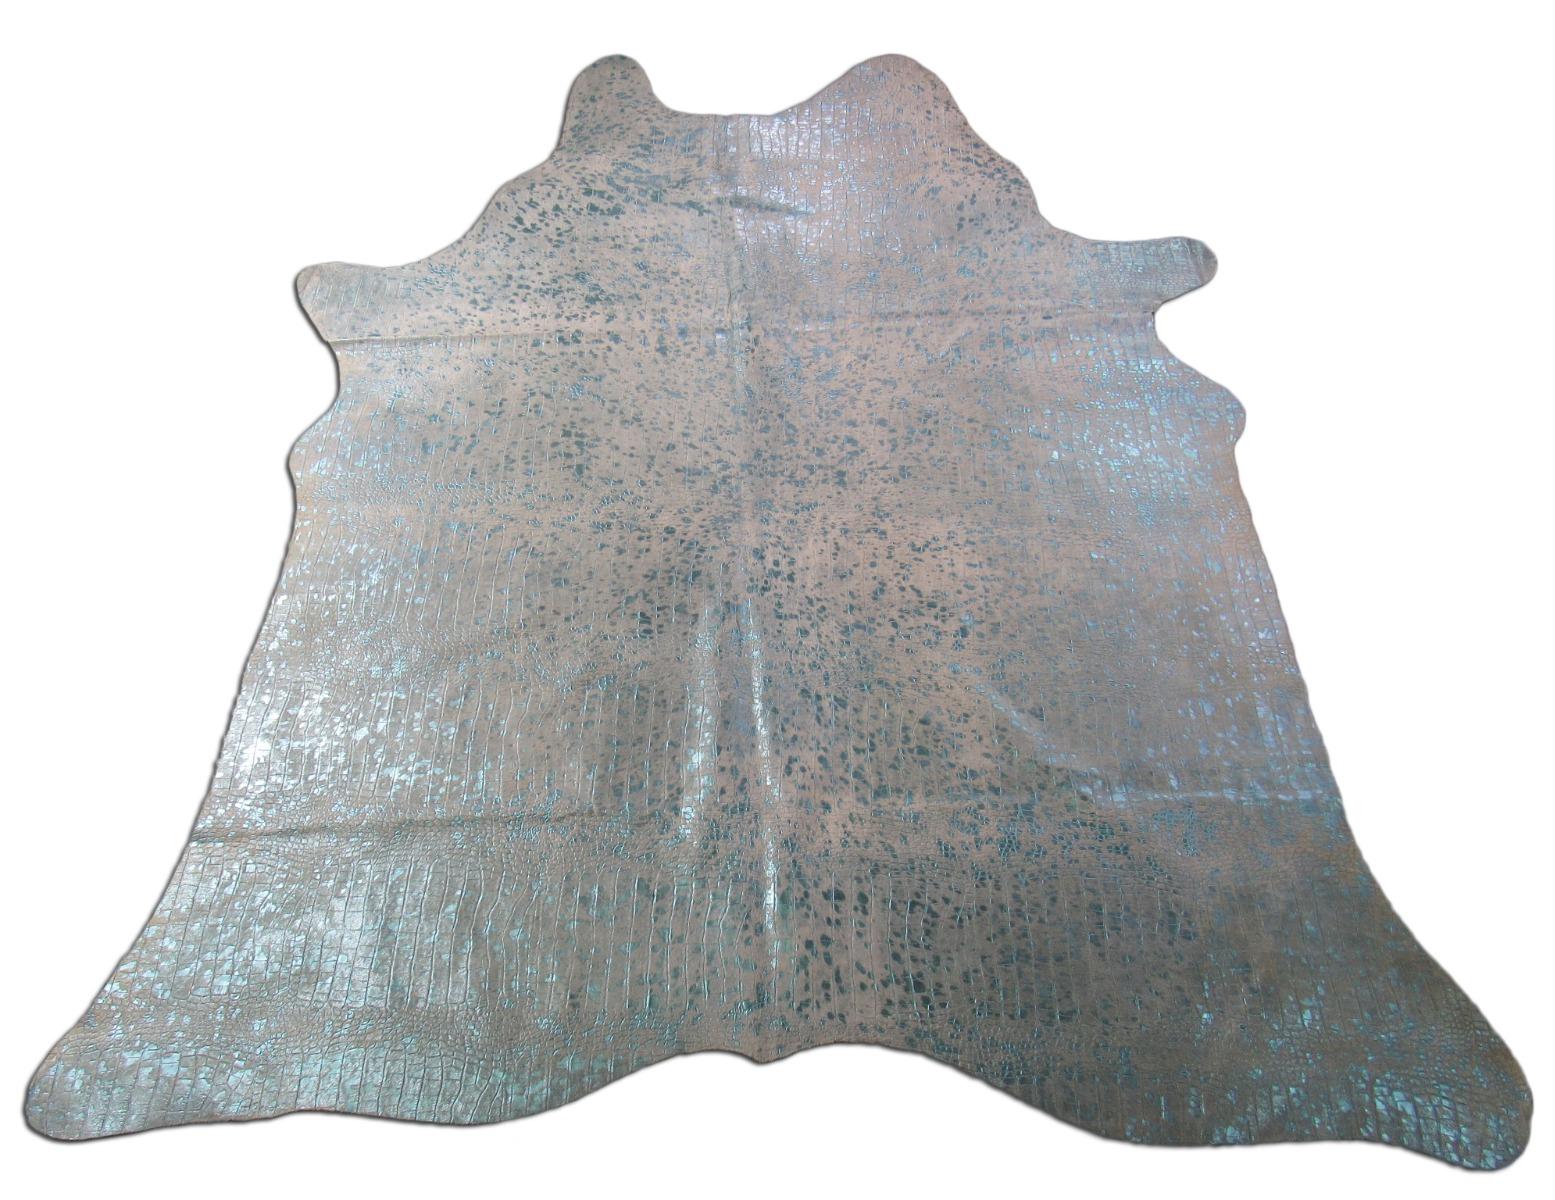 A-1438 Crocodile Embossed Turquoise Metallic Cowhide Rug Size: 7 3/4' X 6 1/2'